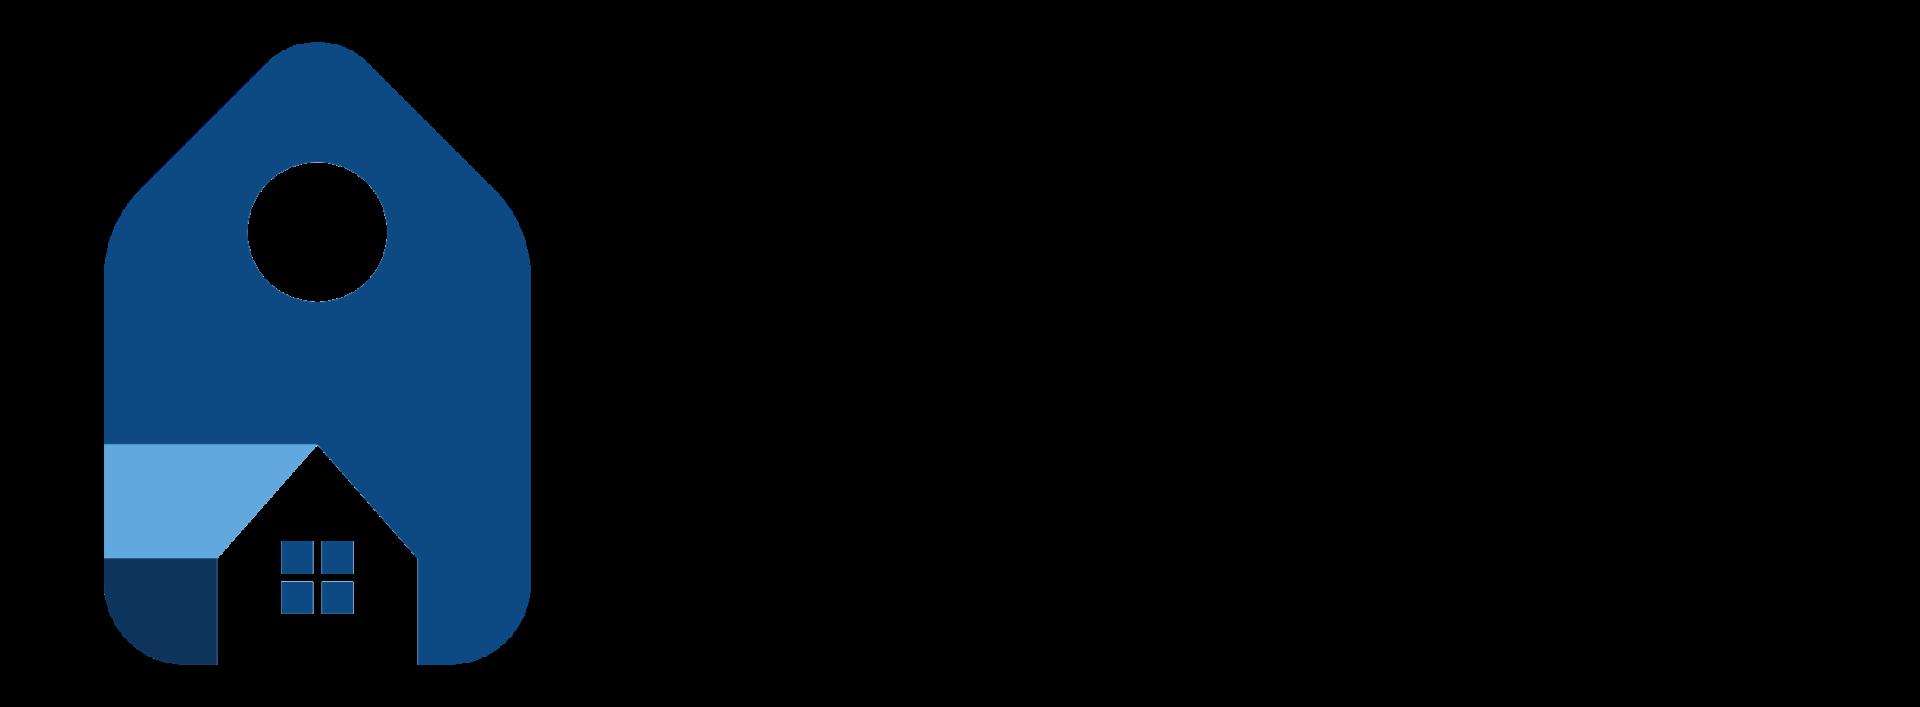 iBuyHomes  logo